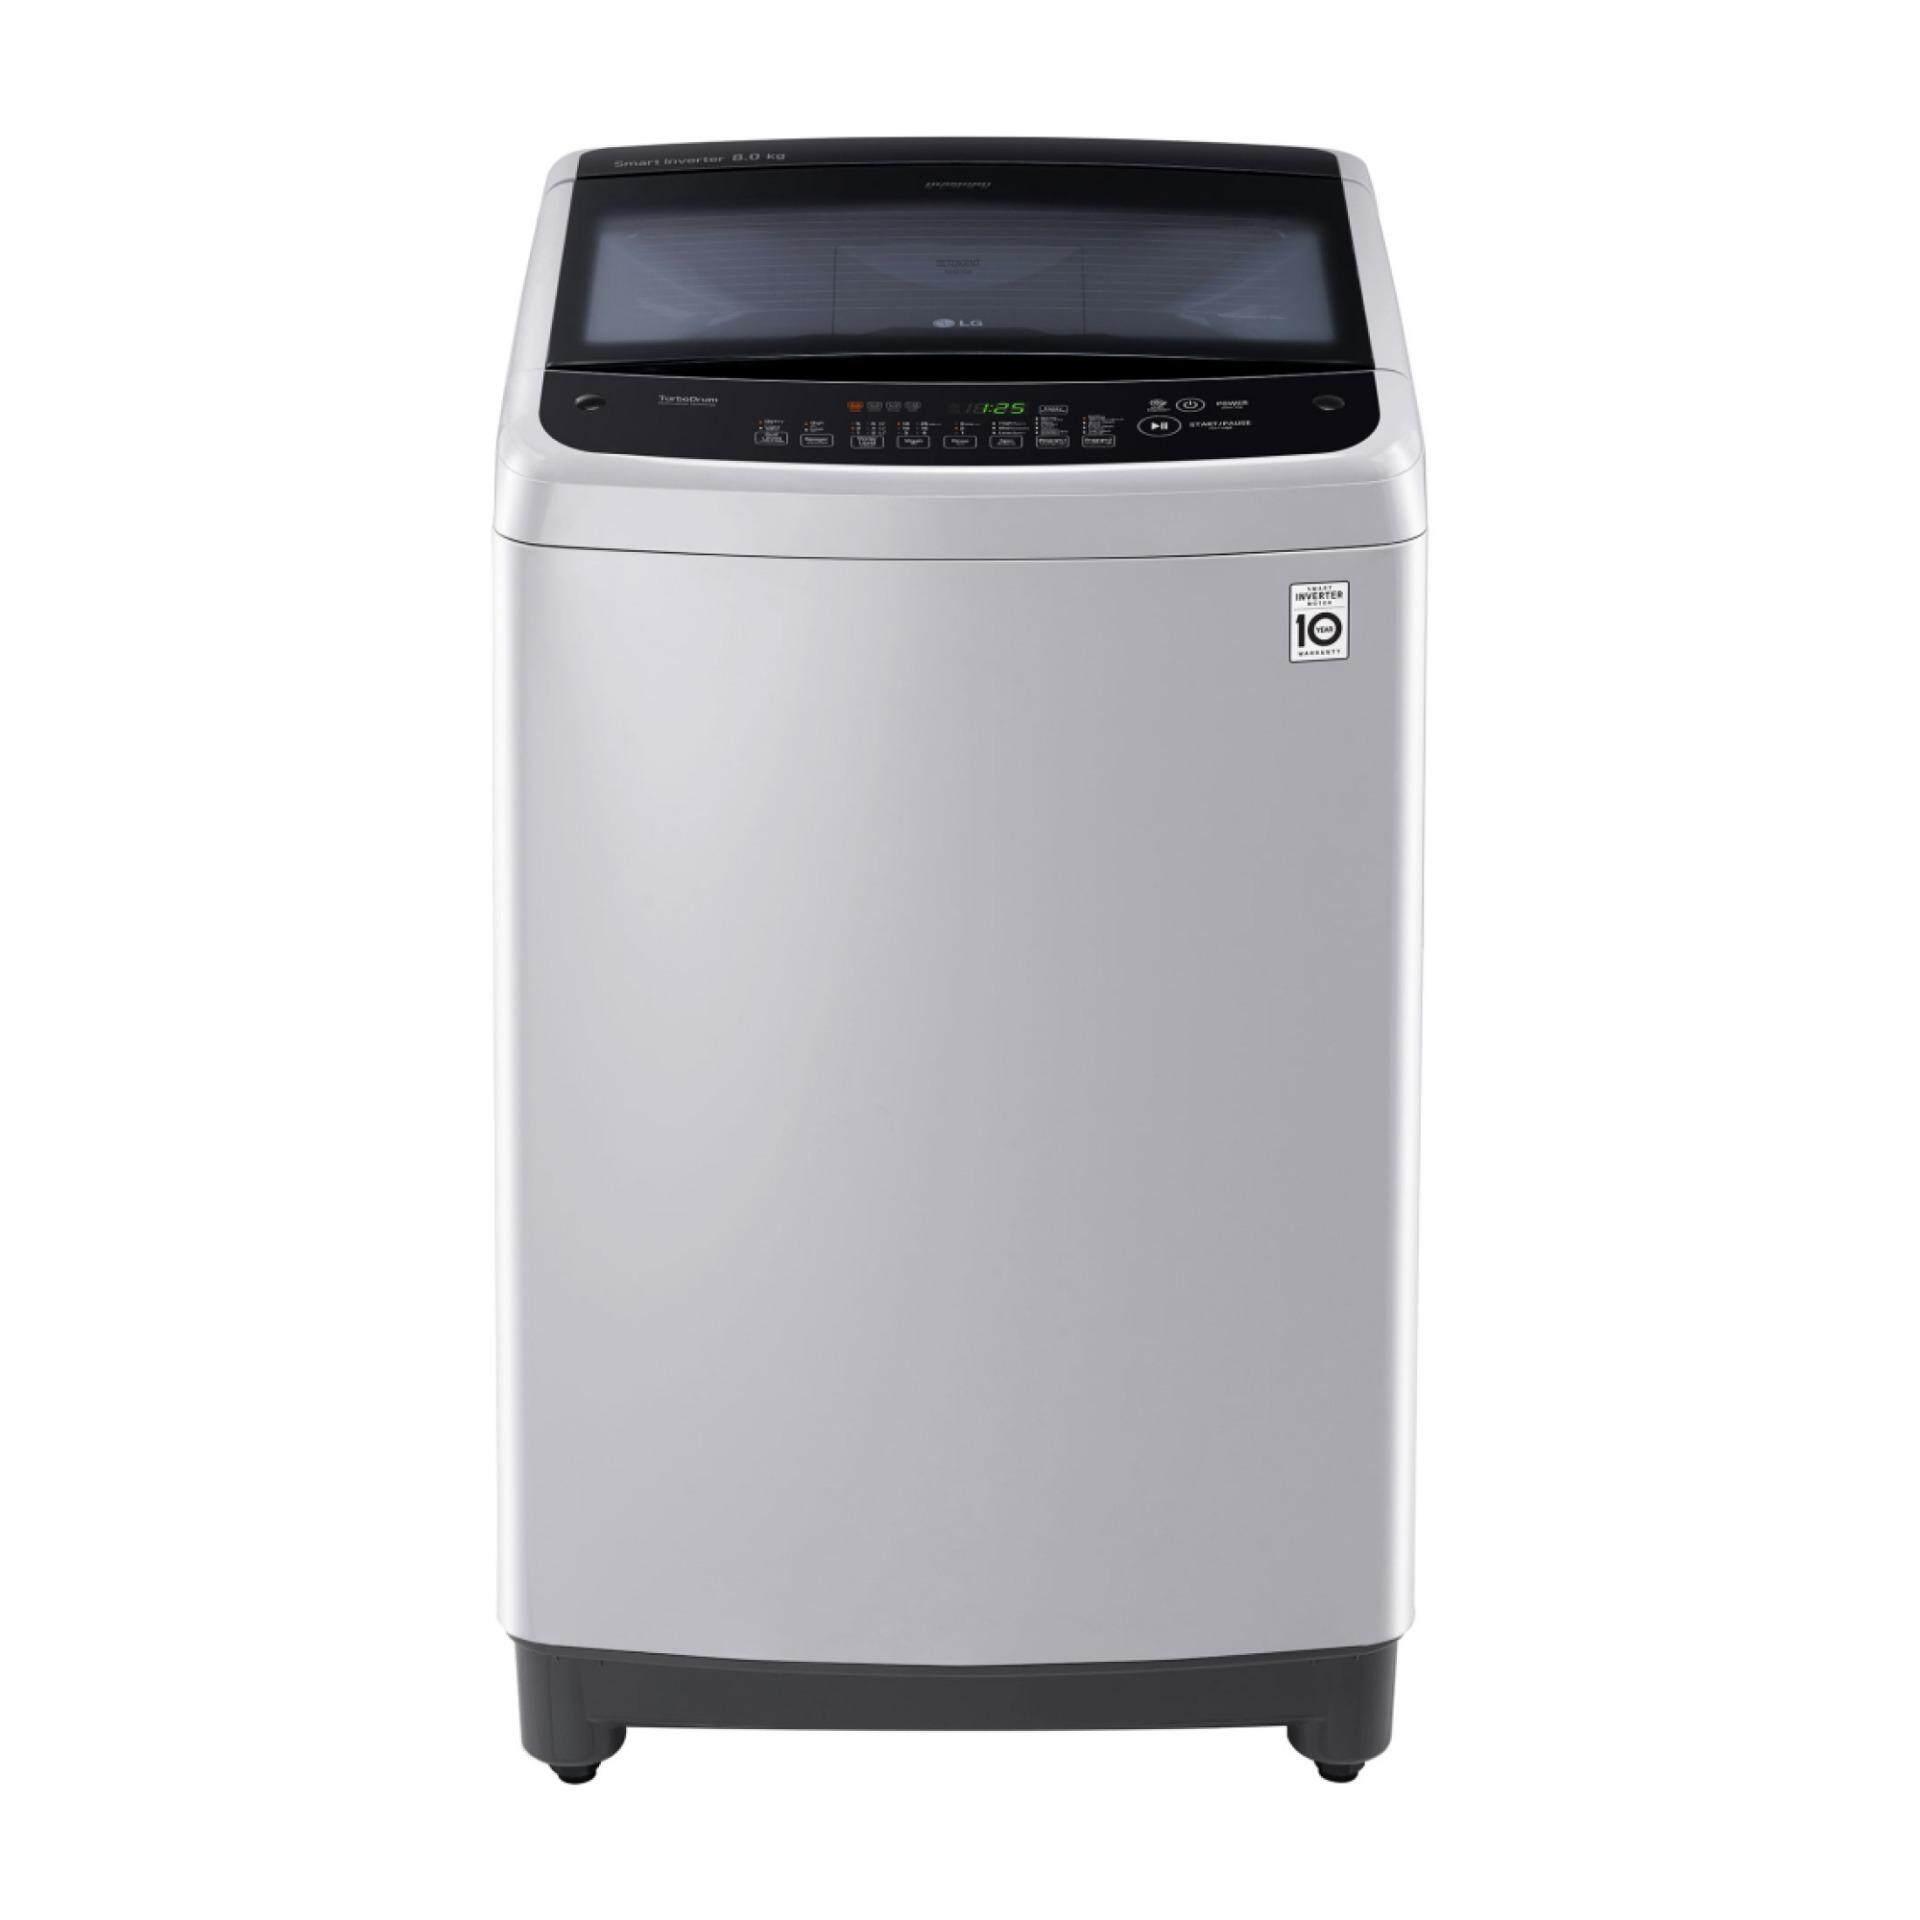 รีวิว Pantip เครื่องซักผ้า แอลจี ลด -60% เครื่องซักผ้าฝาบน LG Smart Inverter T2514VS2M ,14KG. (สี Grey) ยอดขายอันดับ 1